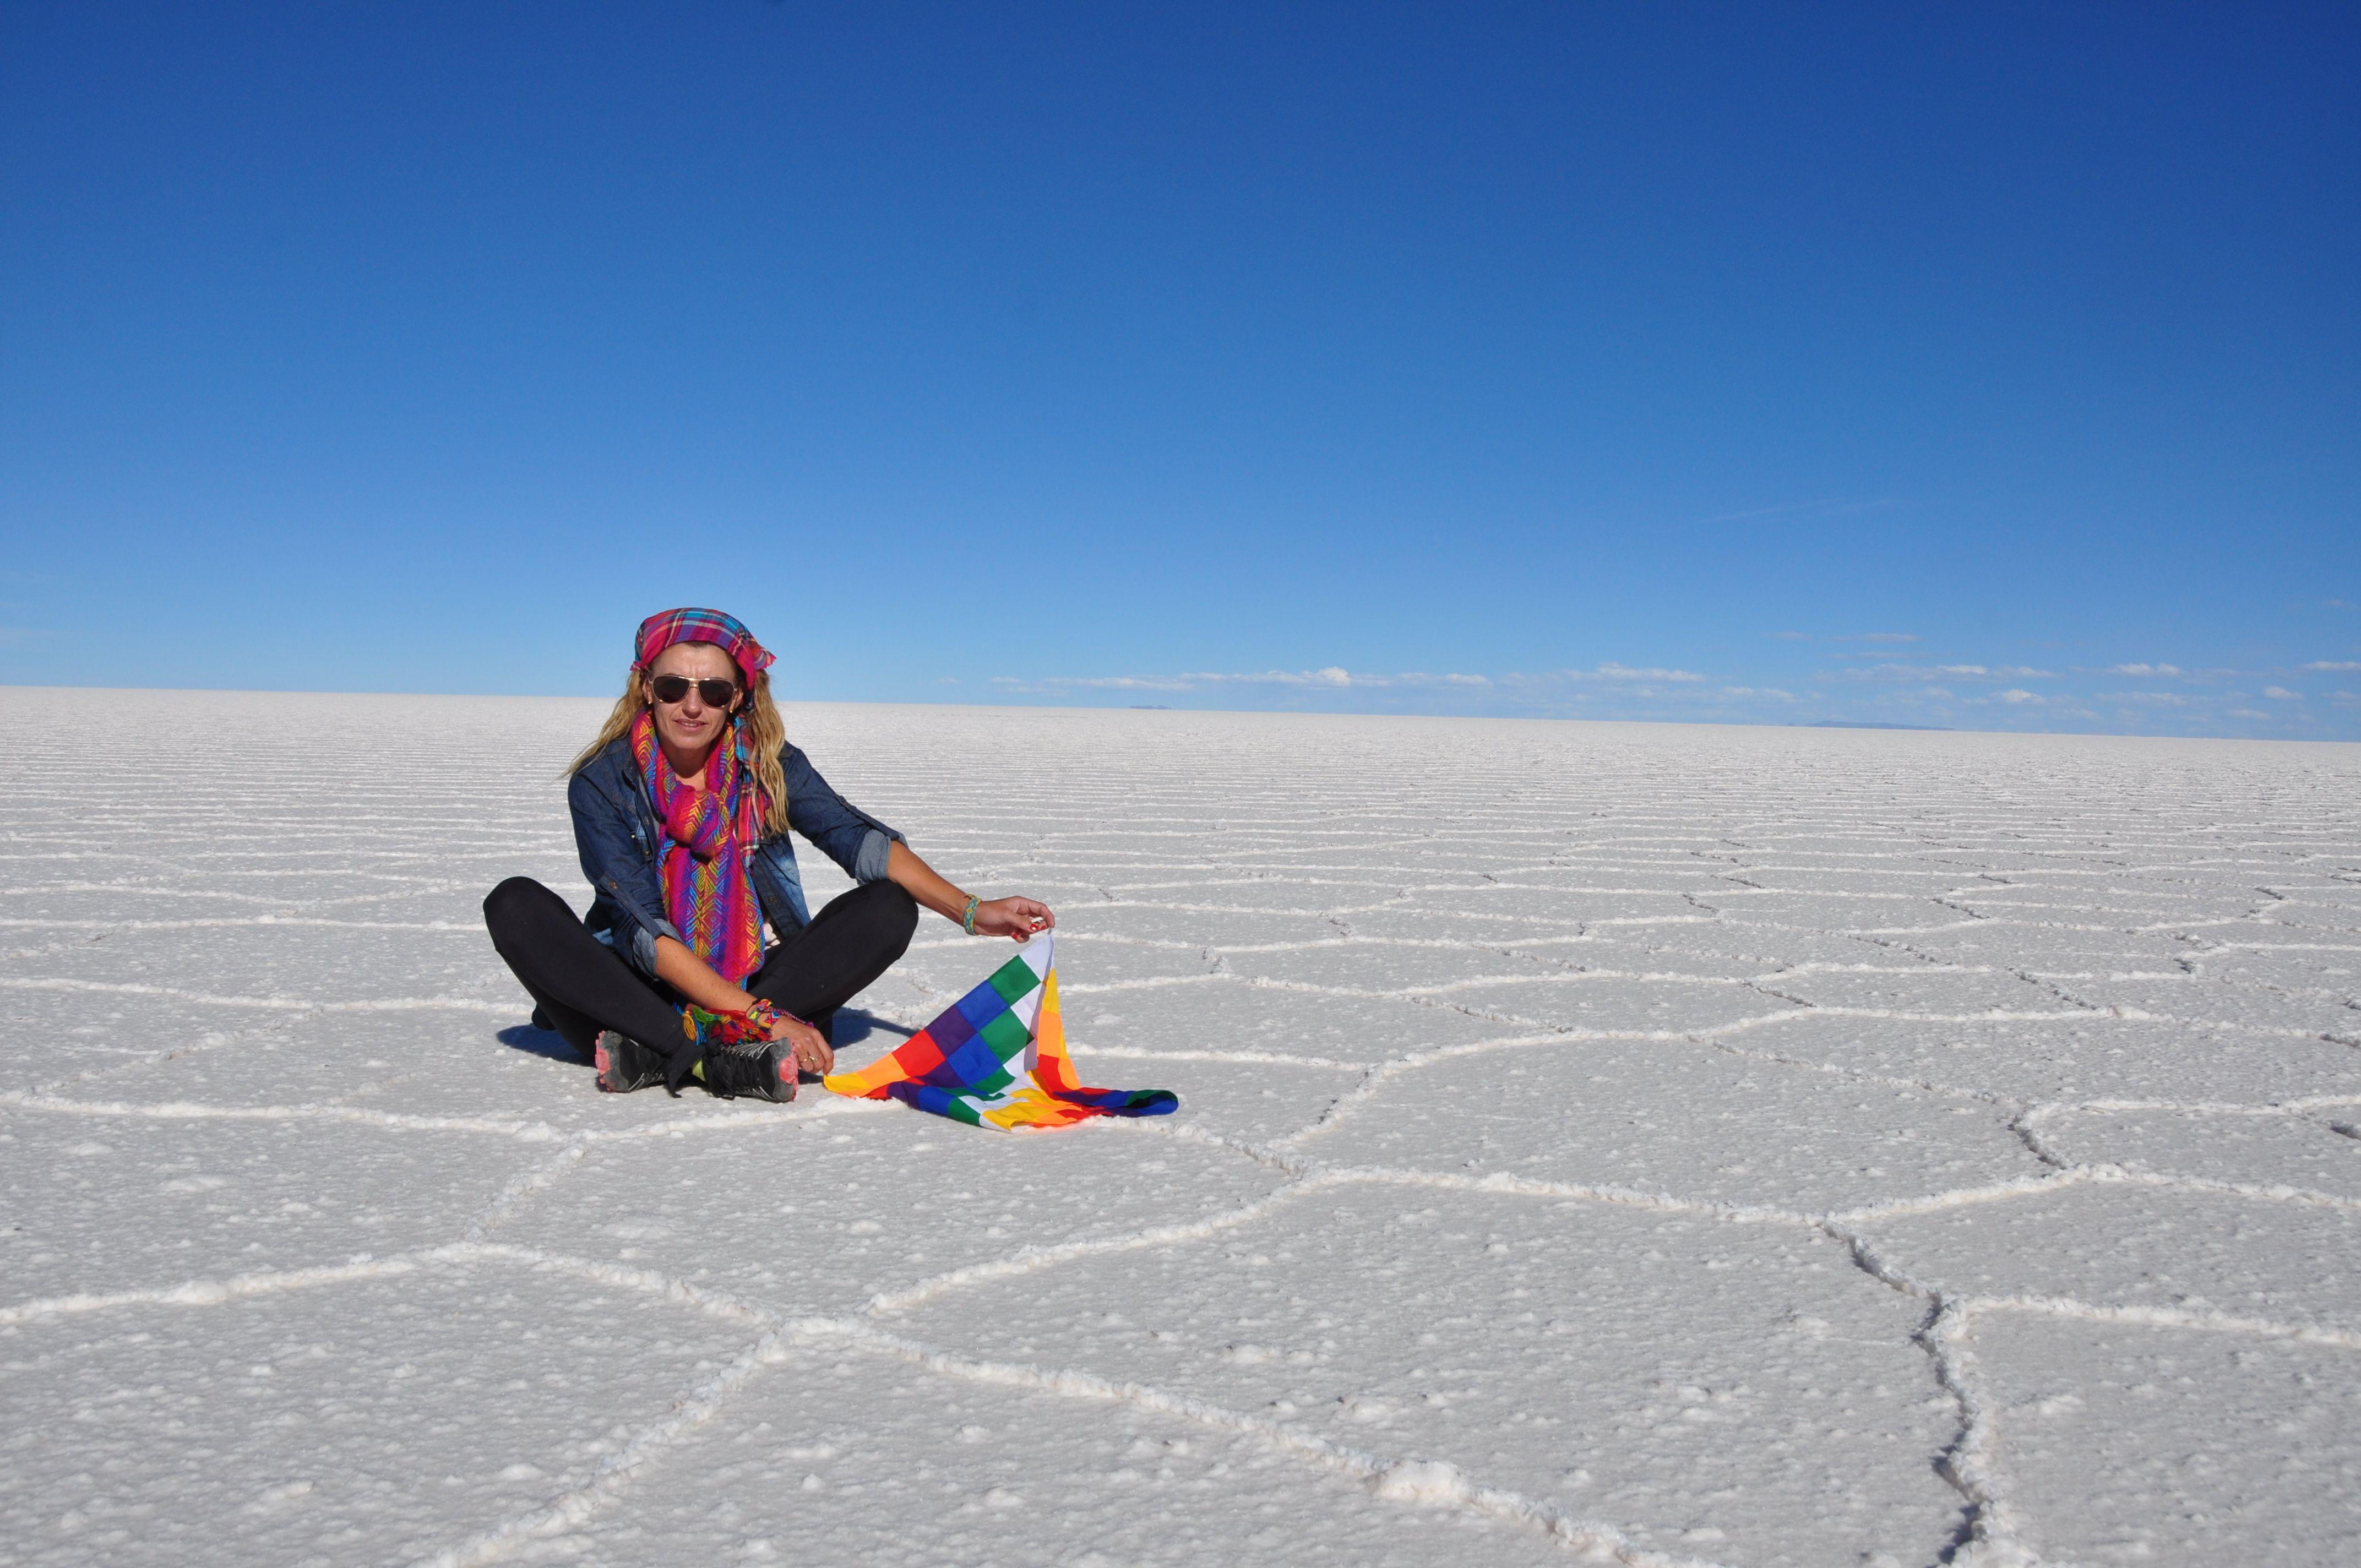 El salar de Uyuni es el mayor desierto de sal continuo del mundo, con una superficie de 10 582 km².